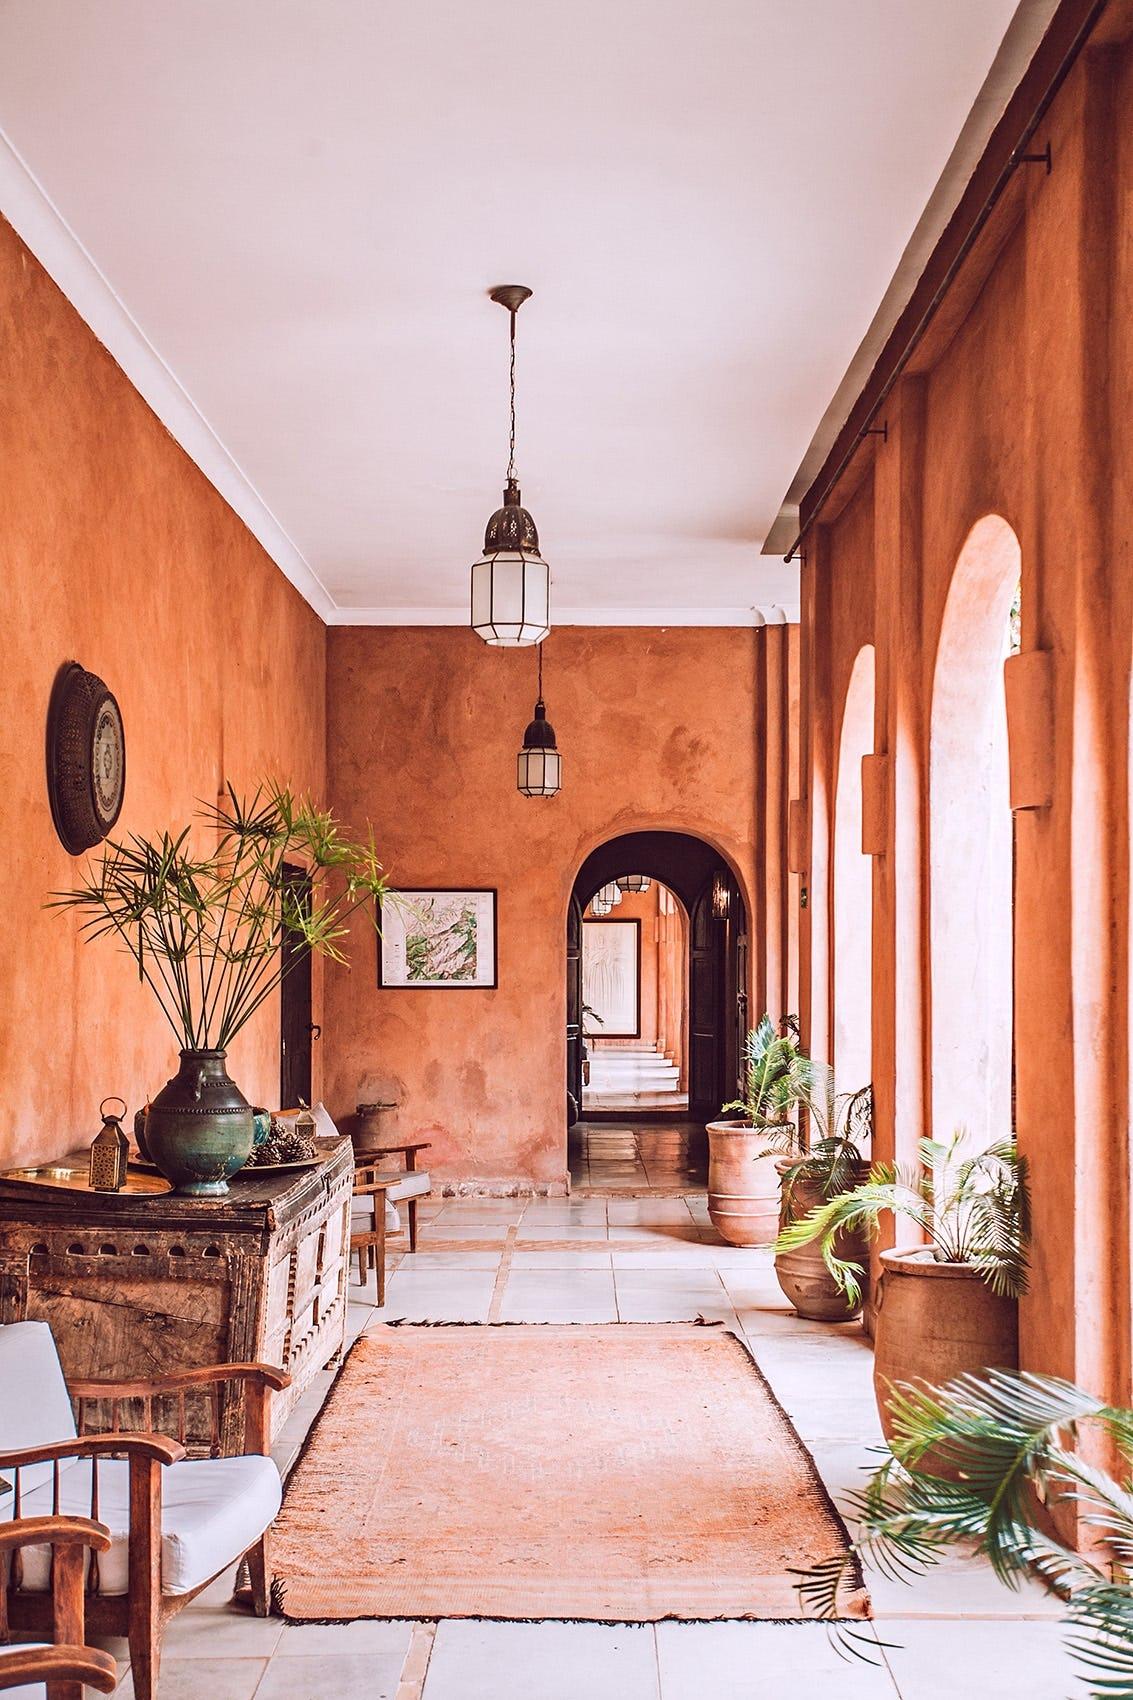 marokkansk indretning Skab dit eget Marrakech med marokkansk indretning marokkansk indretning